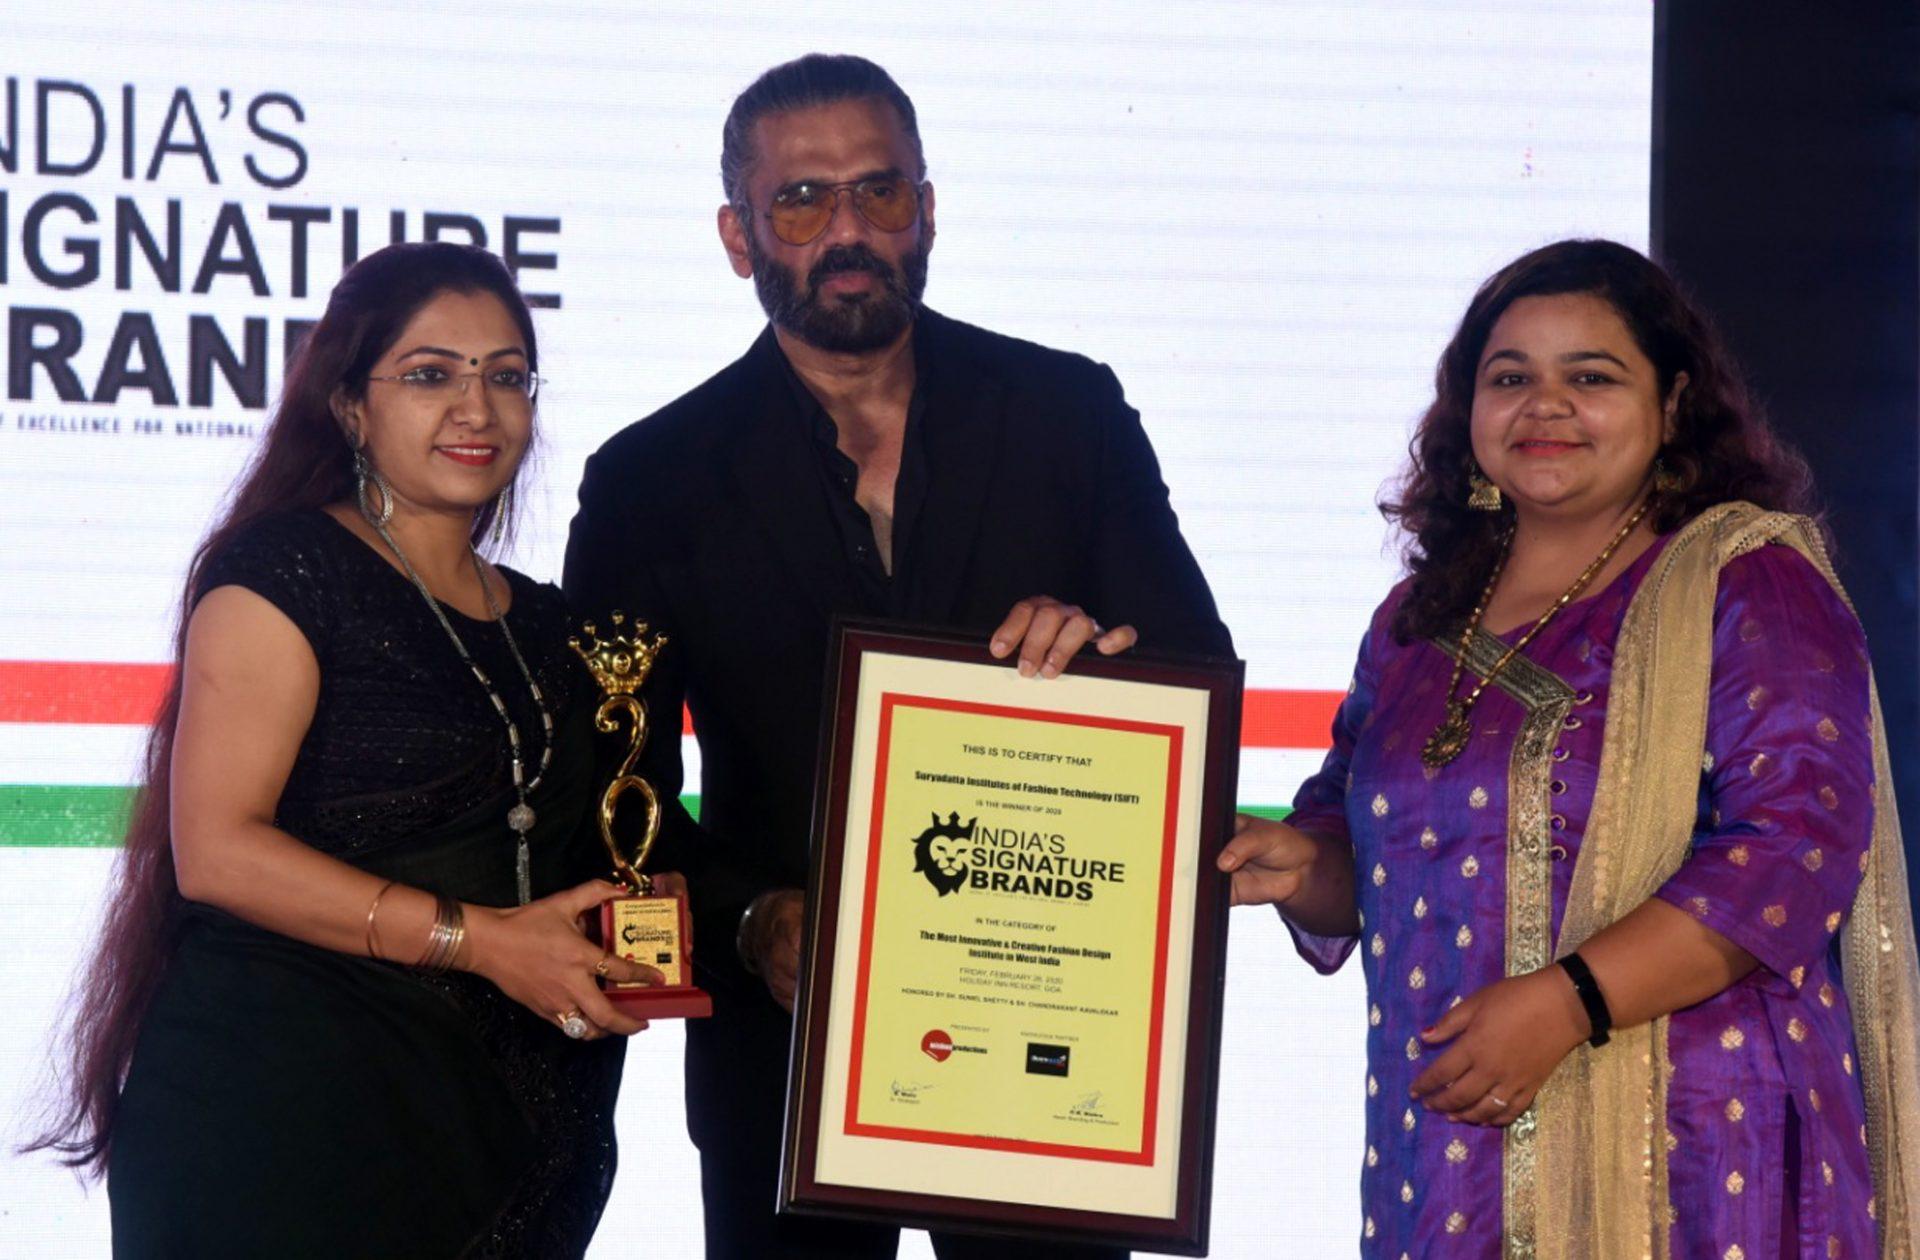 सुनील शेट्टीच्या हस्ते 'इंडियाज सिग्नेचर ब्रँड' पुरस्कार प्रदान